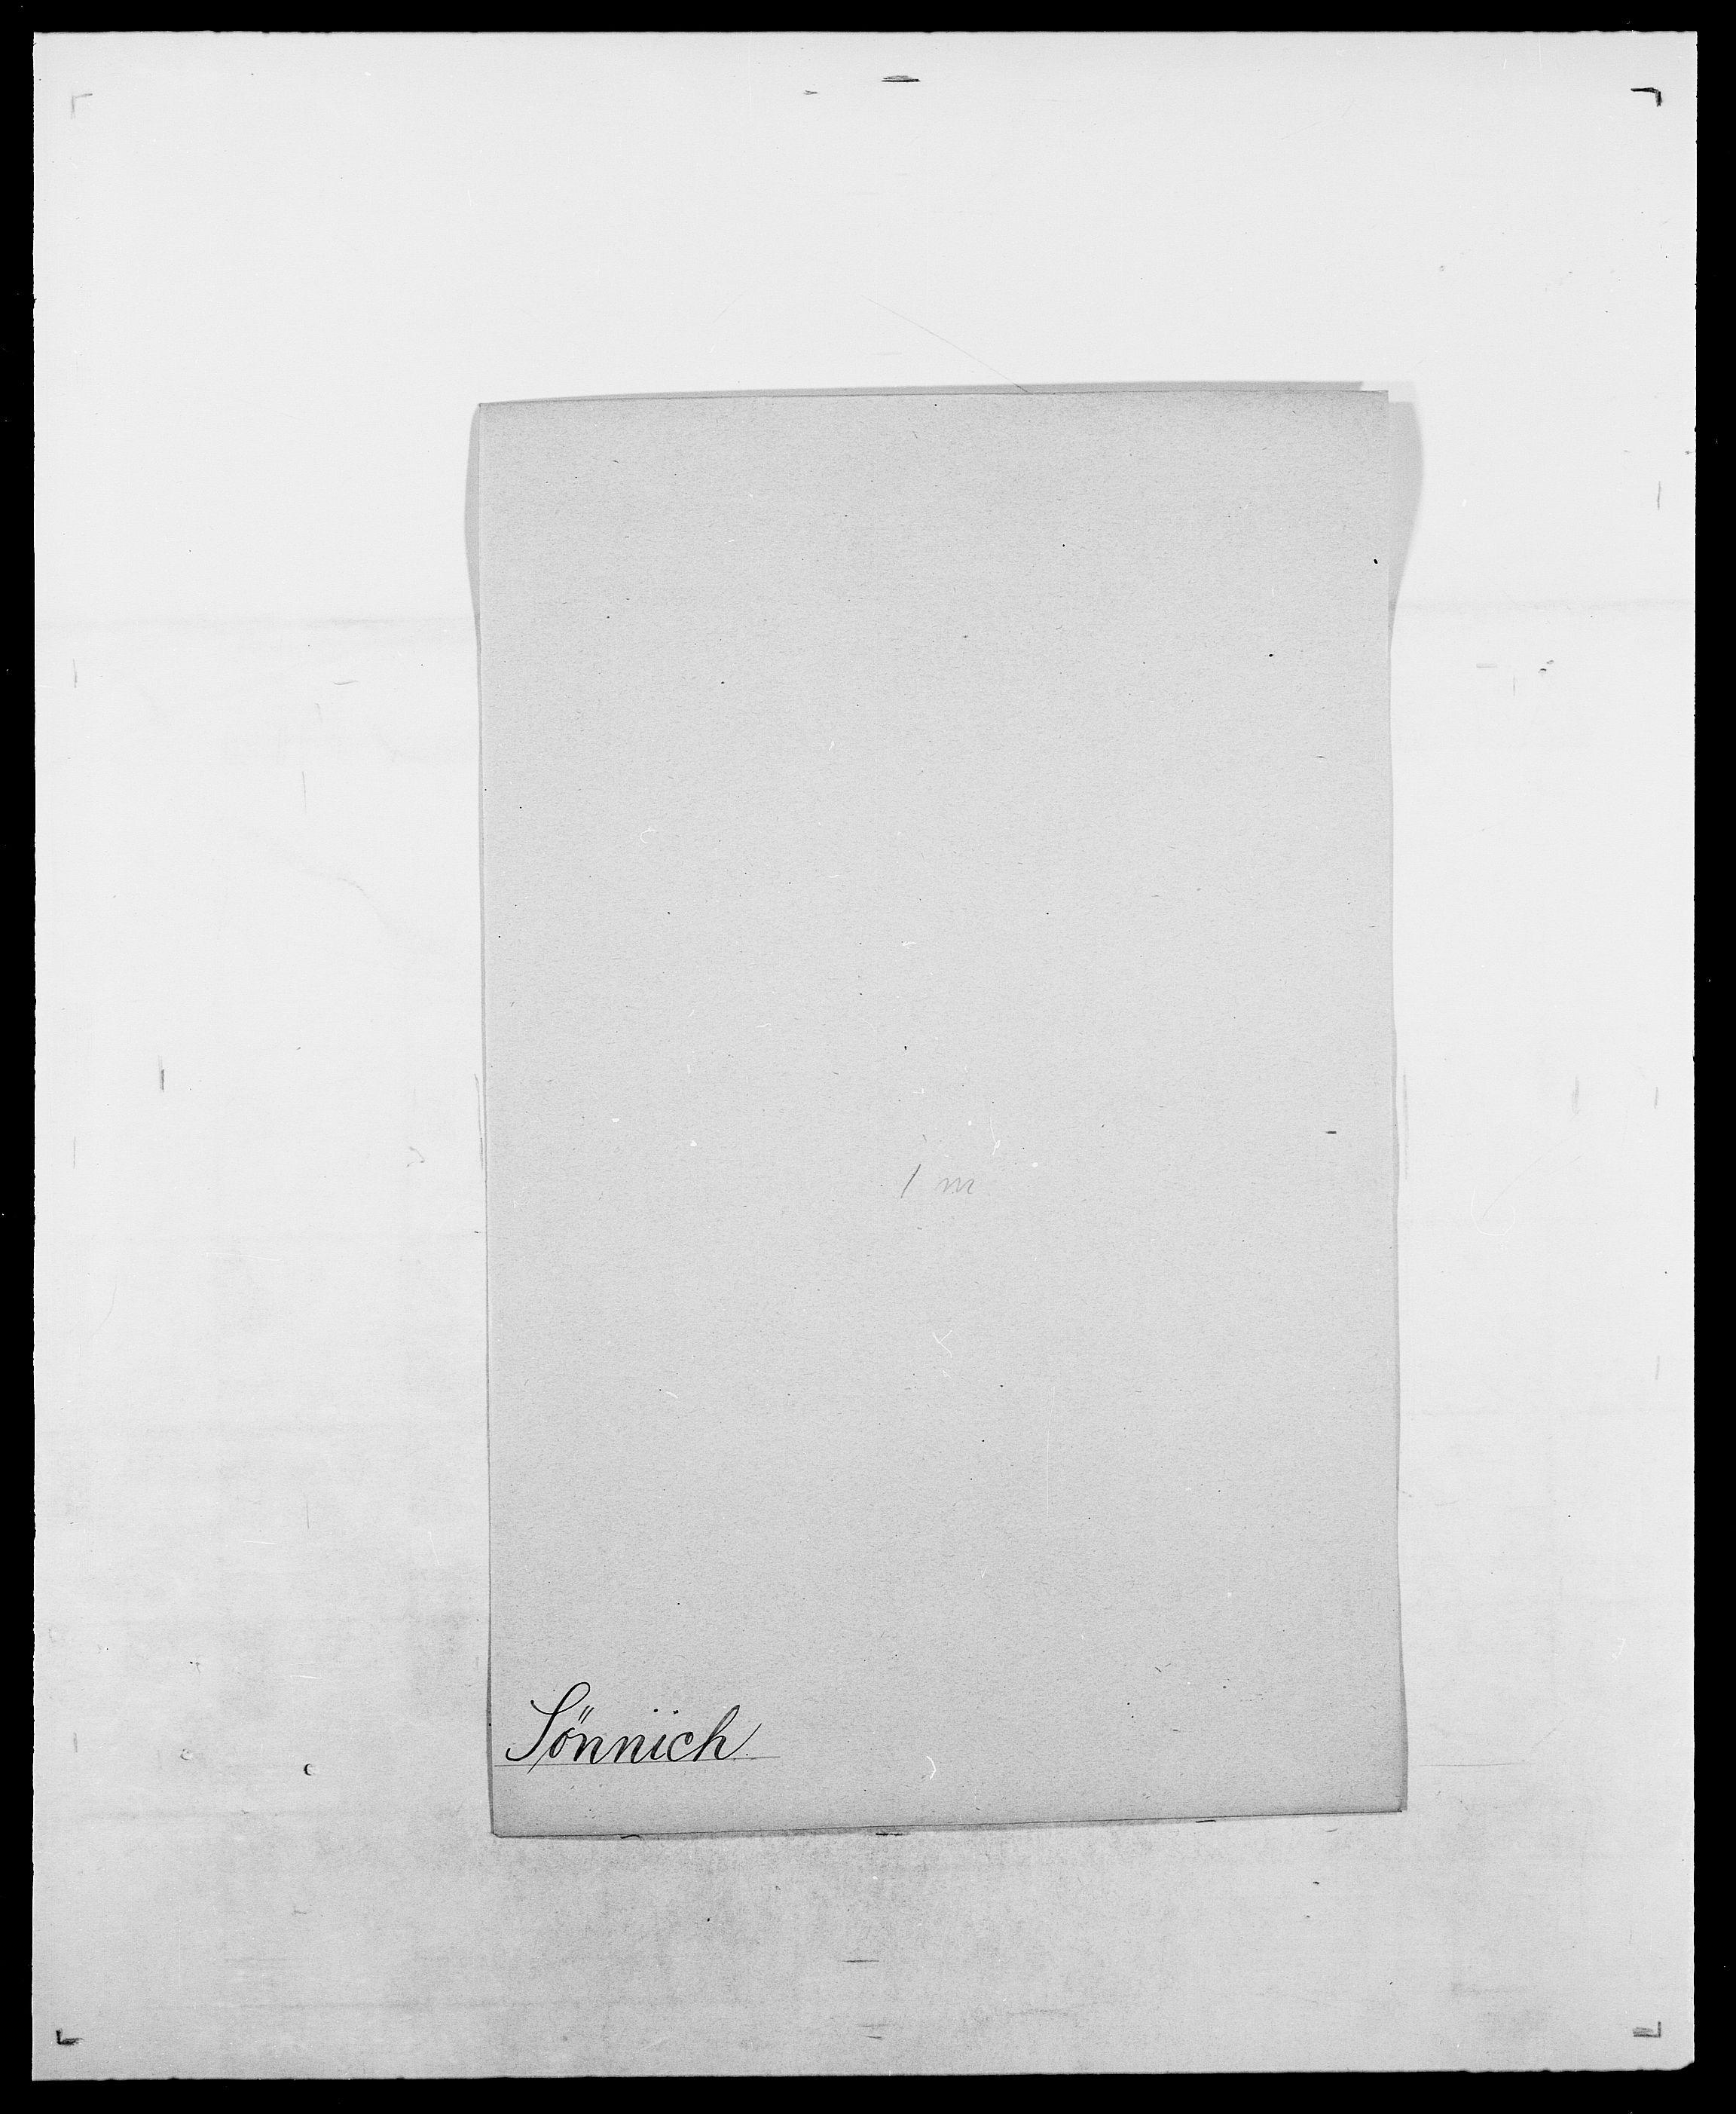 SAO, Delgobe, Charles Antoine - samling, D/Da/L0038: Svanenskjold - Thornsohn, s. 188